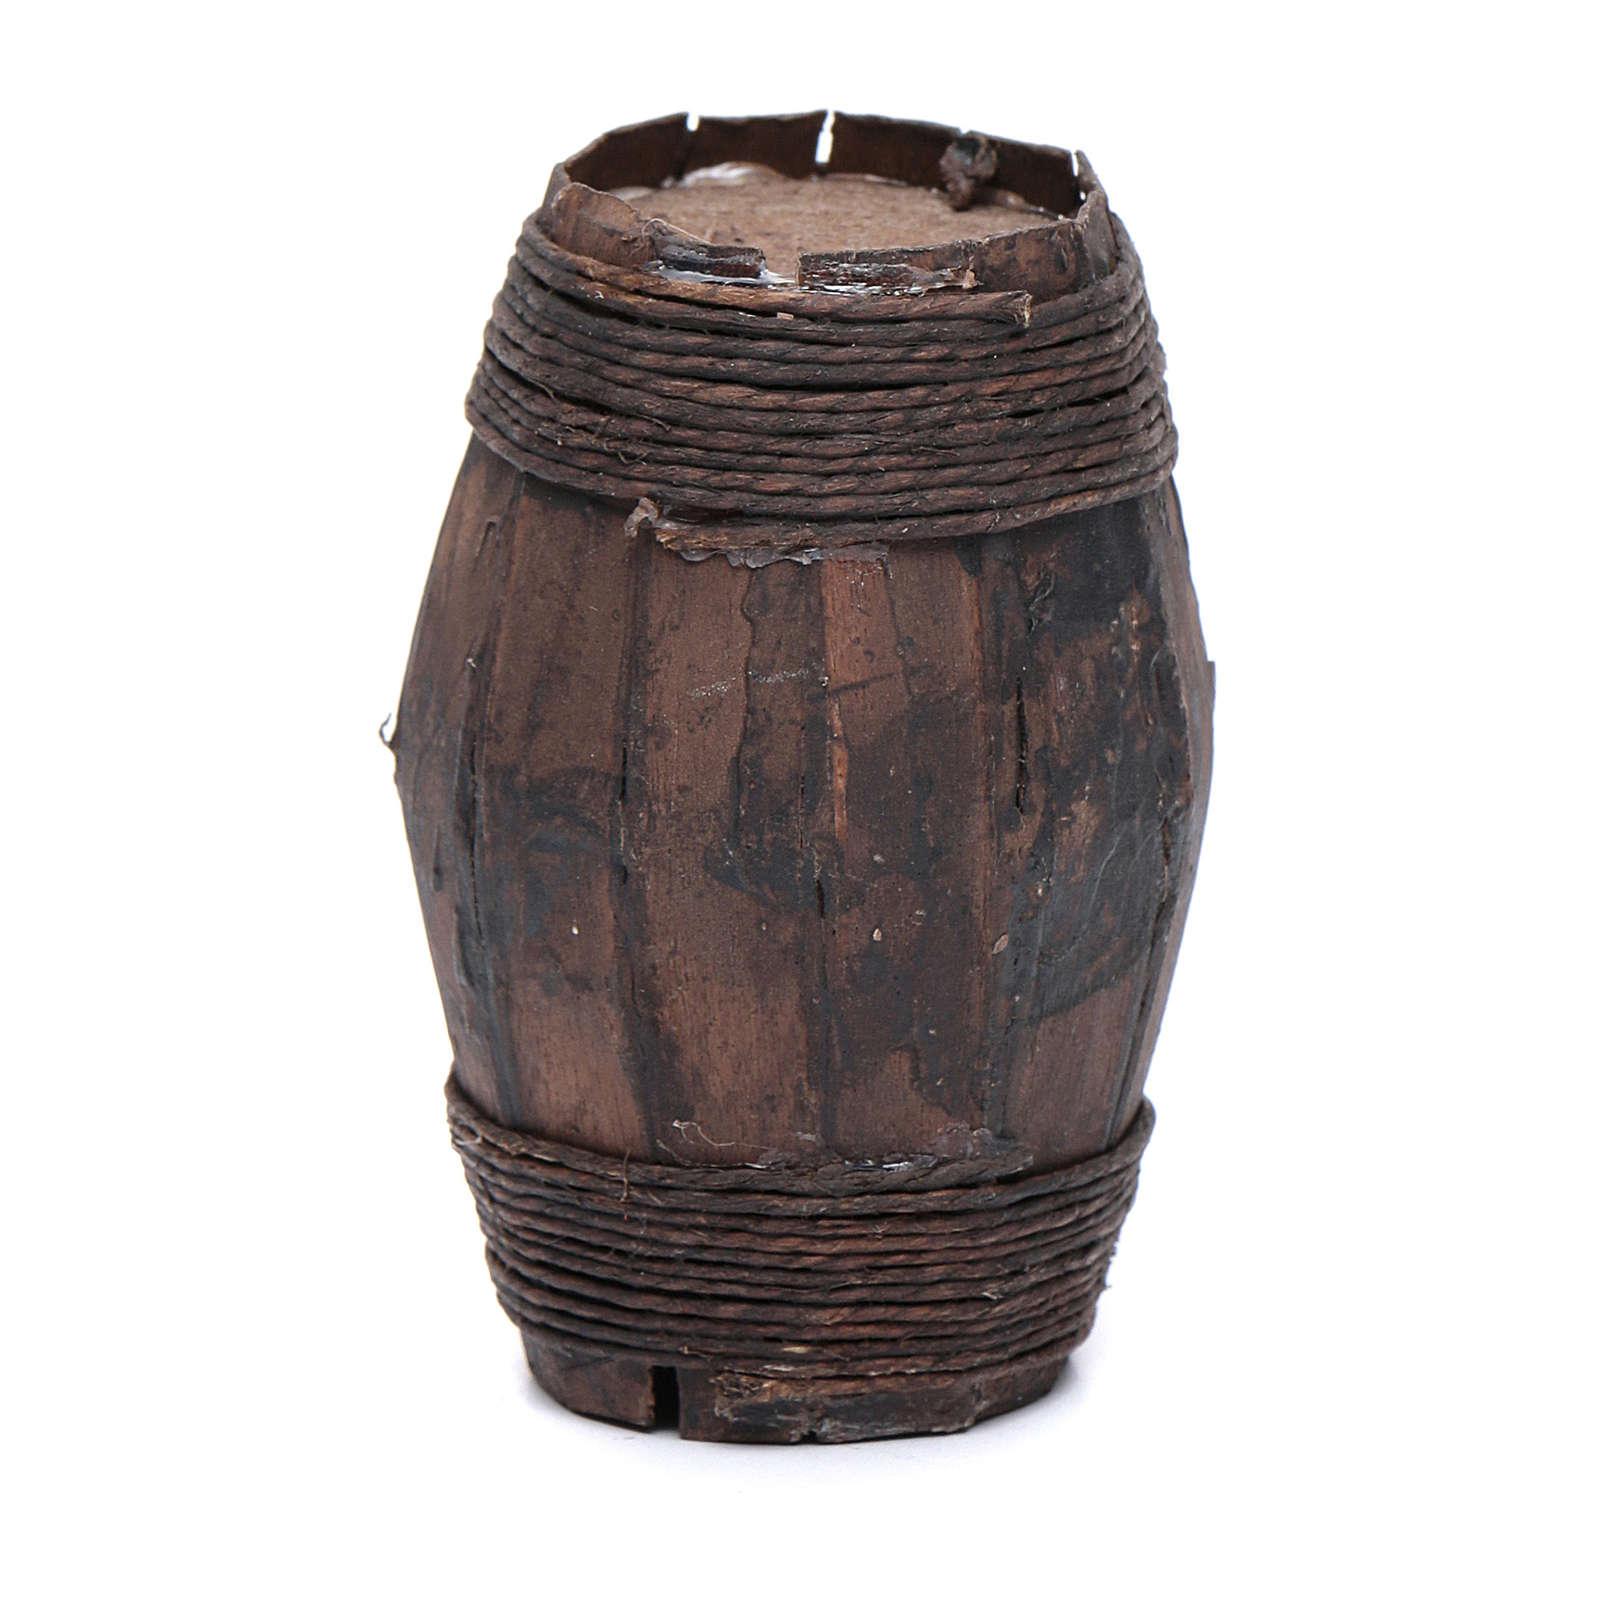 Botte legno 8 cm articolo presepe napoletano 4